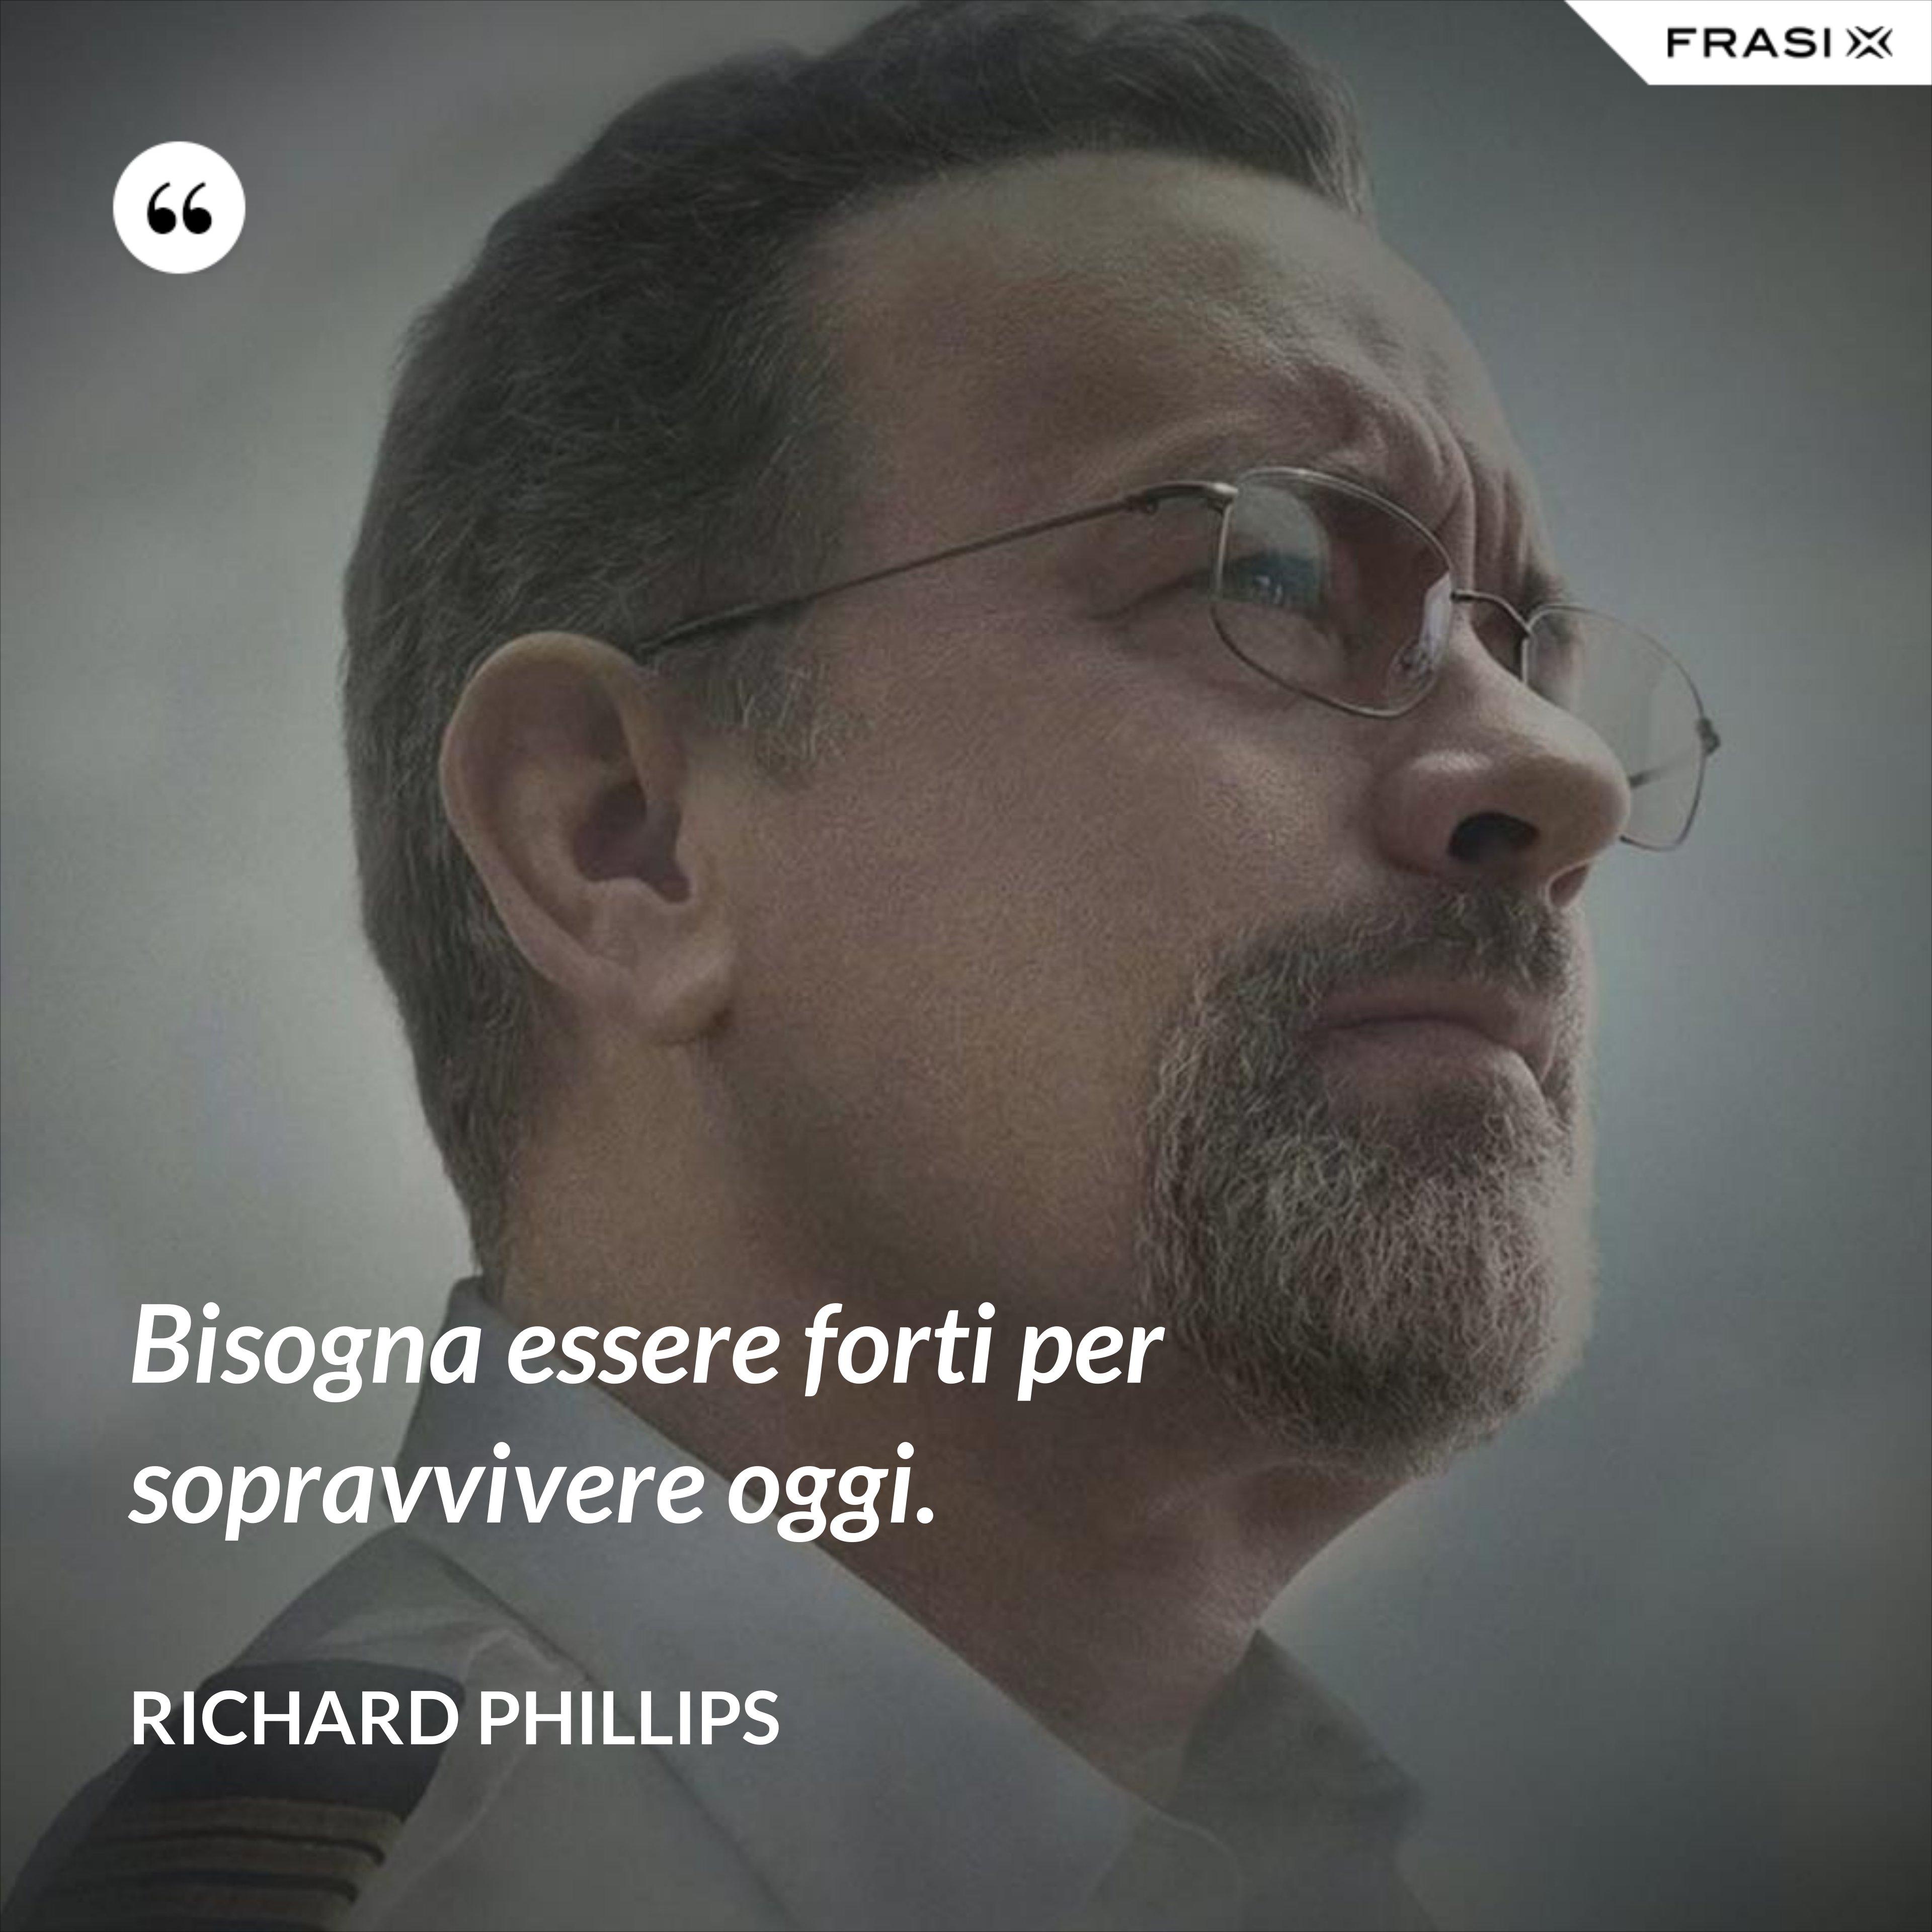 Bisogna essere forti per sopravvivere oggi. - Richard Phillips